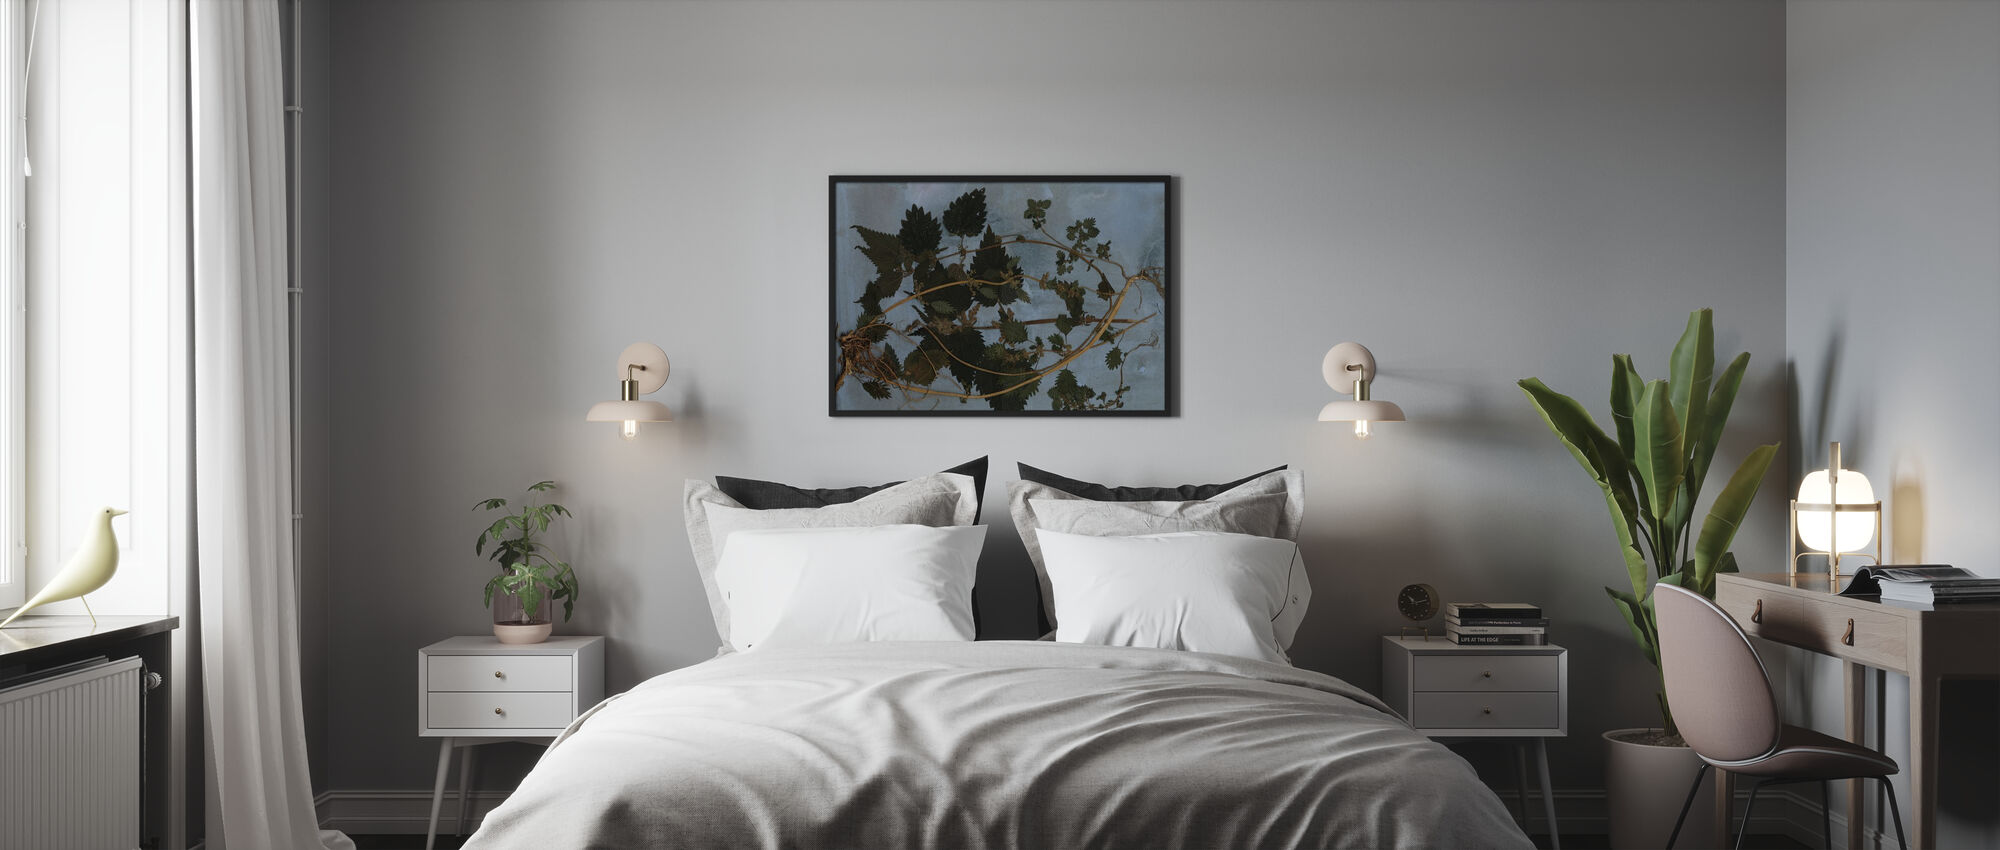 Brennnesseln - Gerahmtes bild - Schlafzimmer